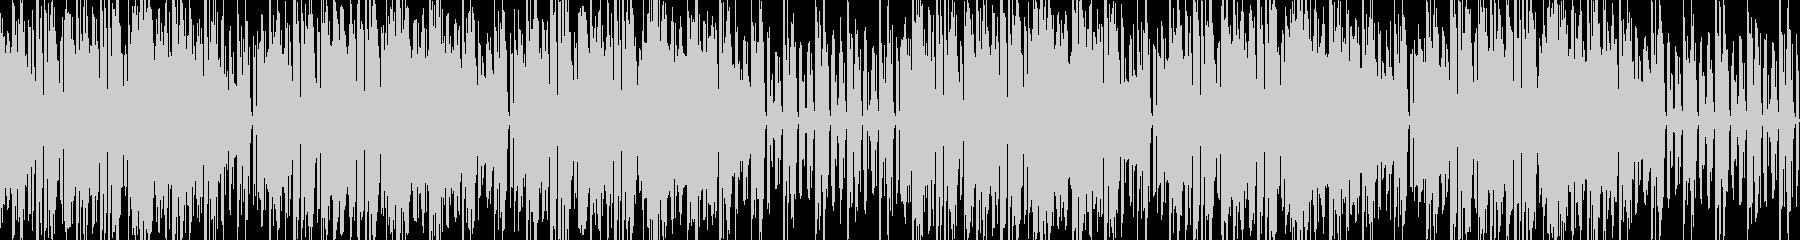 和風リズミカル電子音の未再生の波形